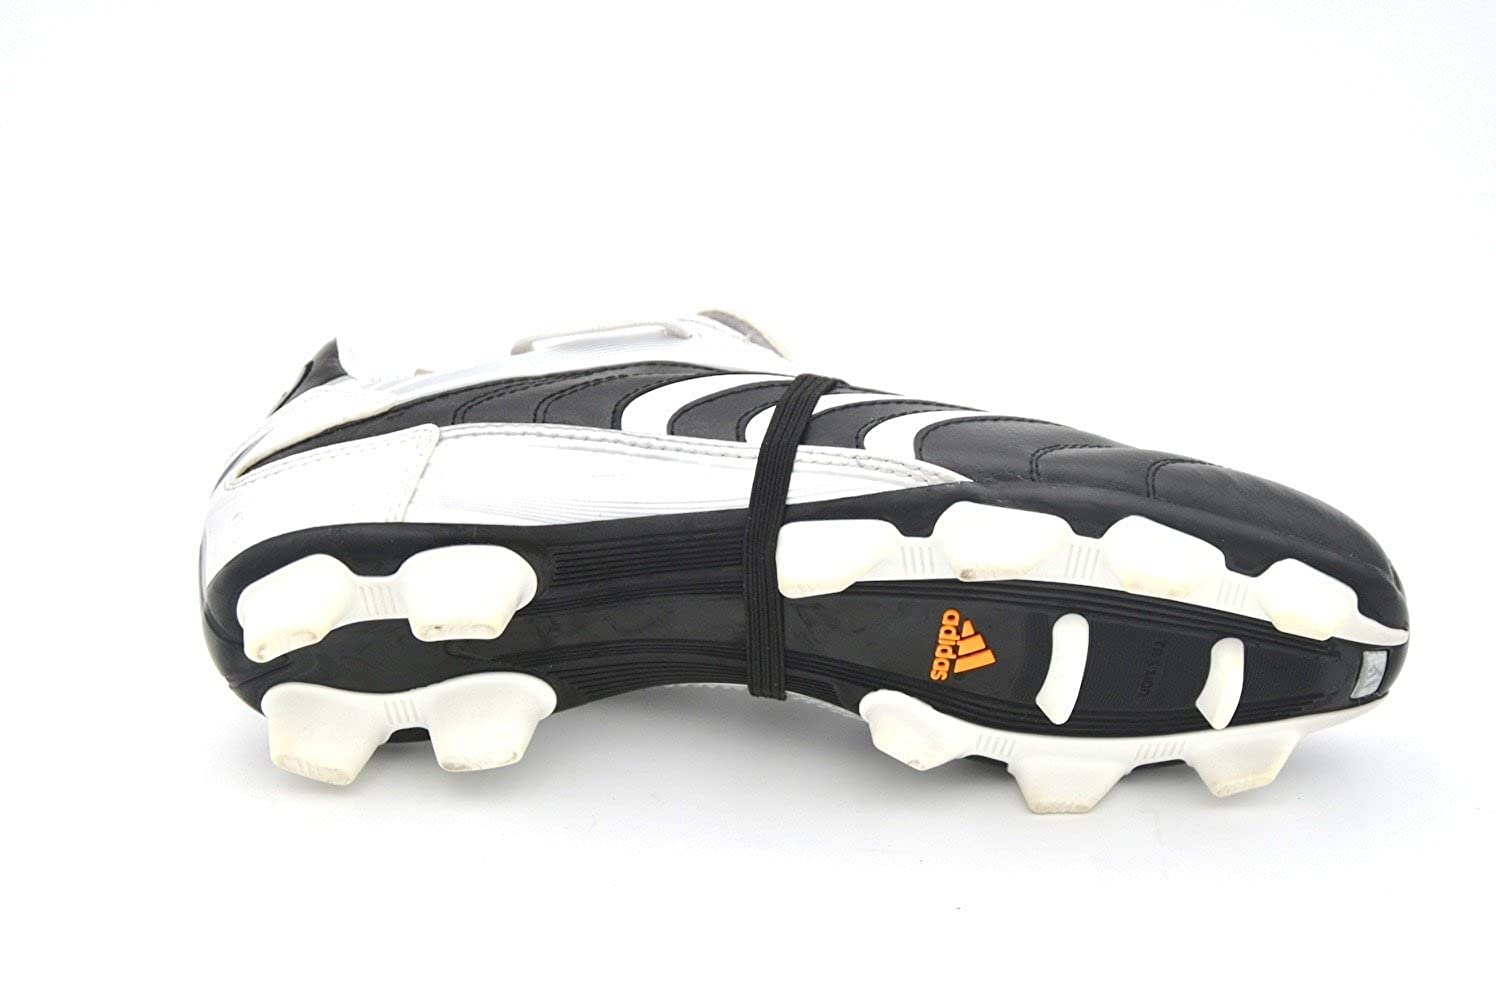 Calcio Giochi e giocattoli 670028 ABSOLADO TRX FG adidas